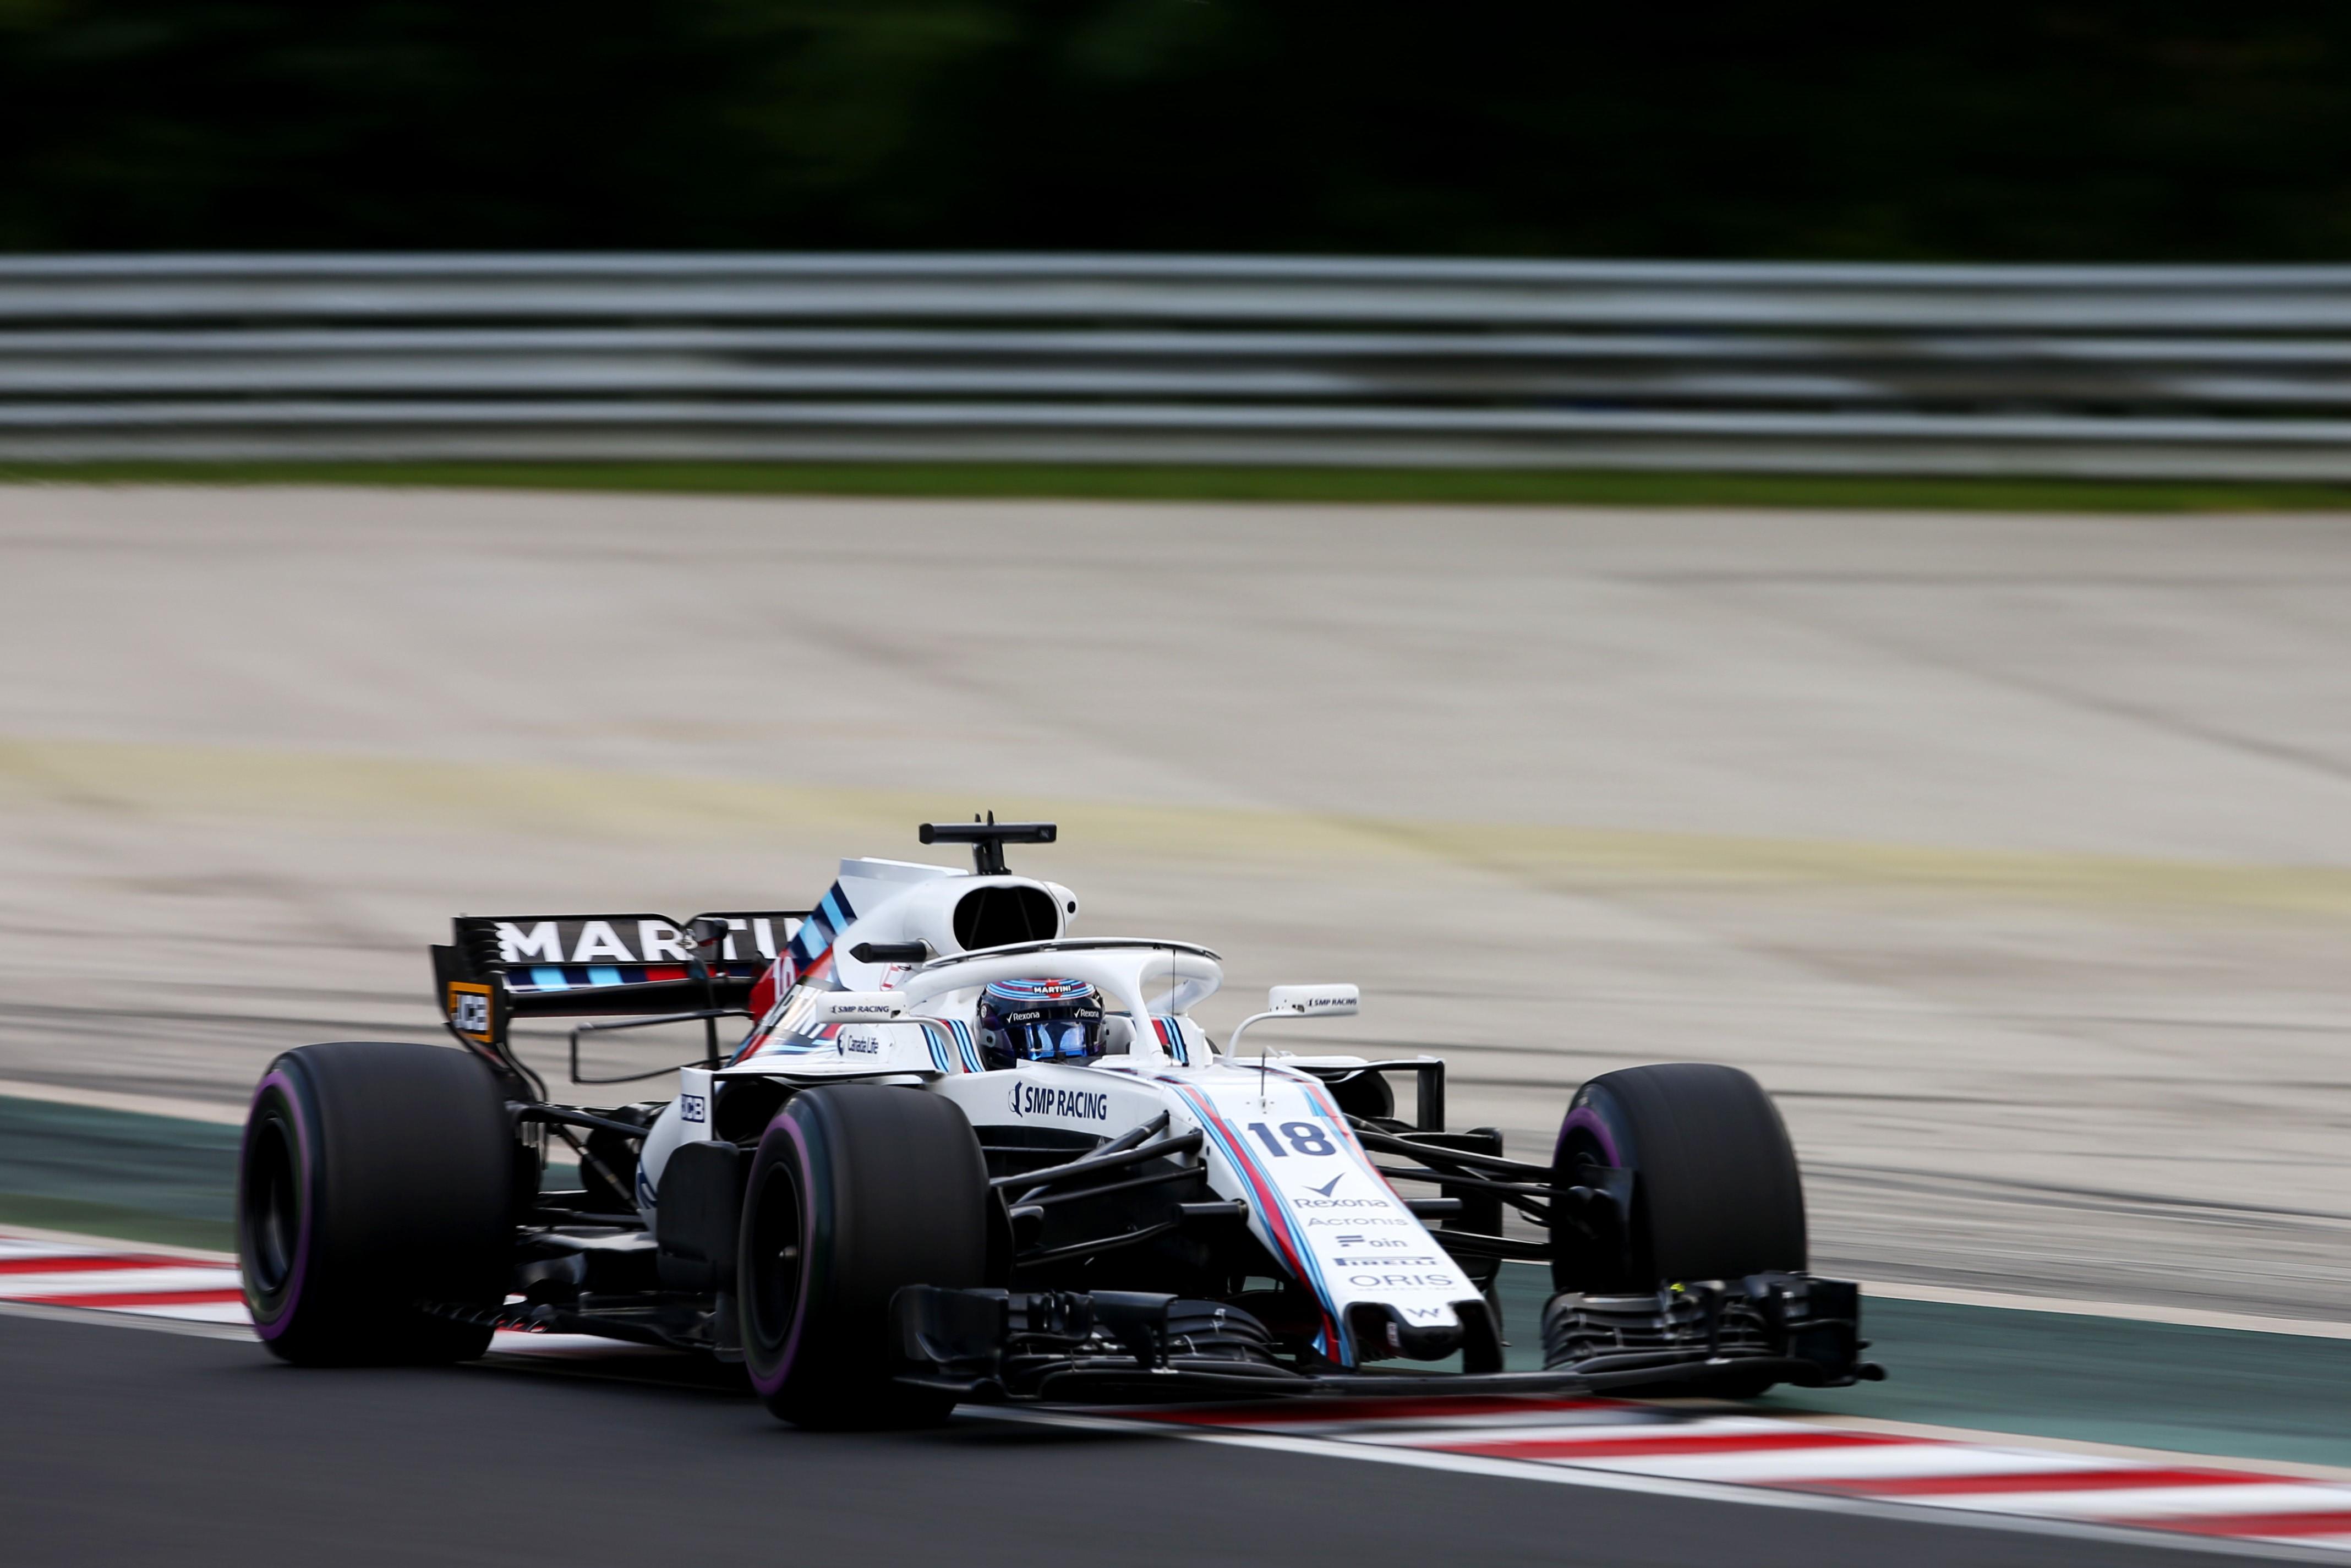 Lance Stroll (Williams) au Grand Prix de Hongrie 2018